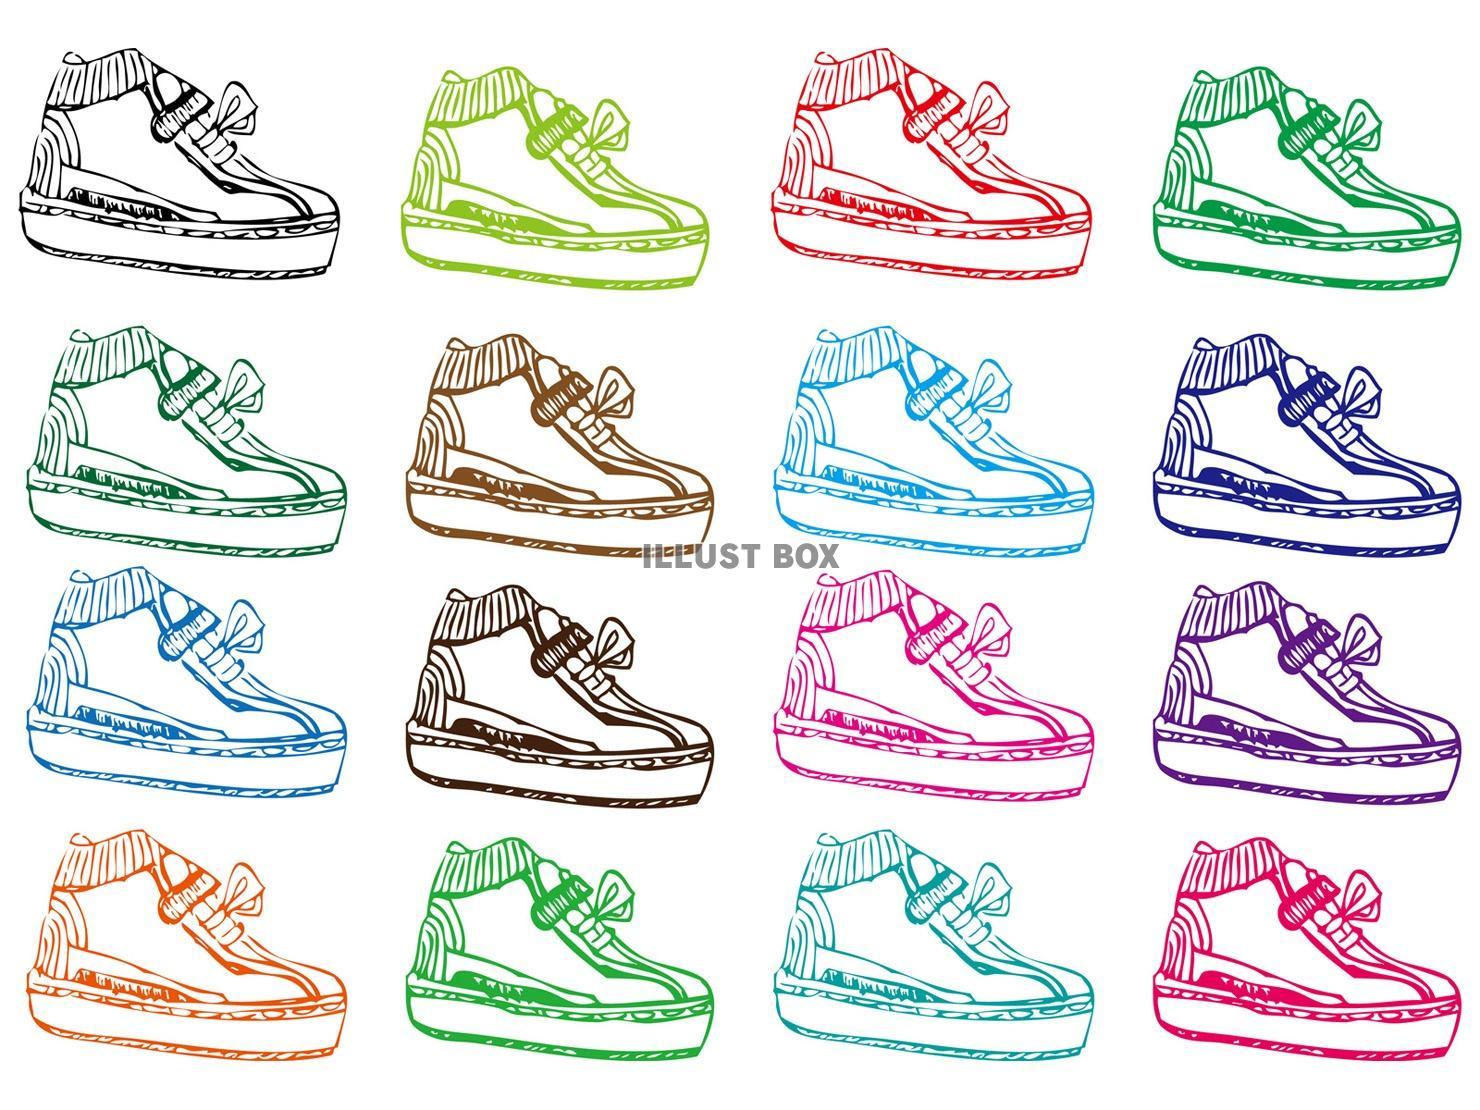 運動靴スニーカー手書きイラスト素材背景,壁紙子供ブランドくら.